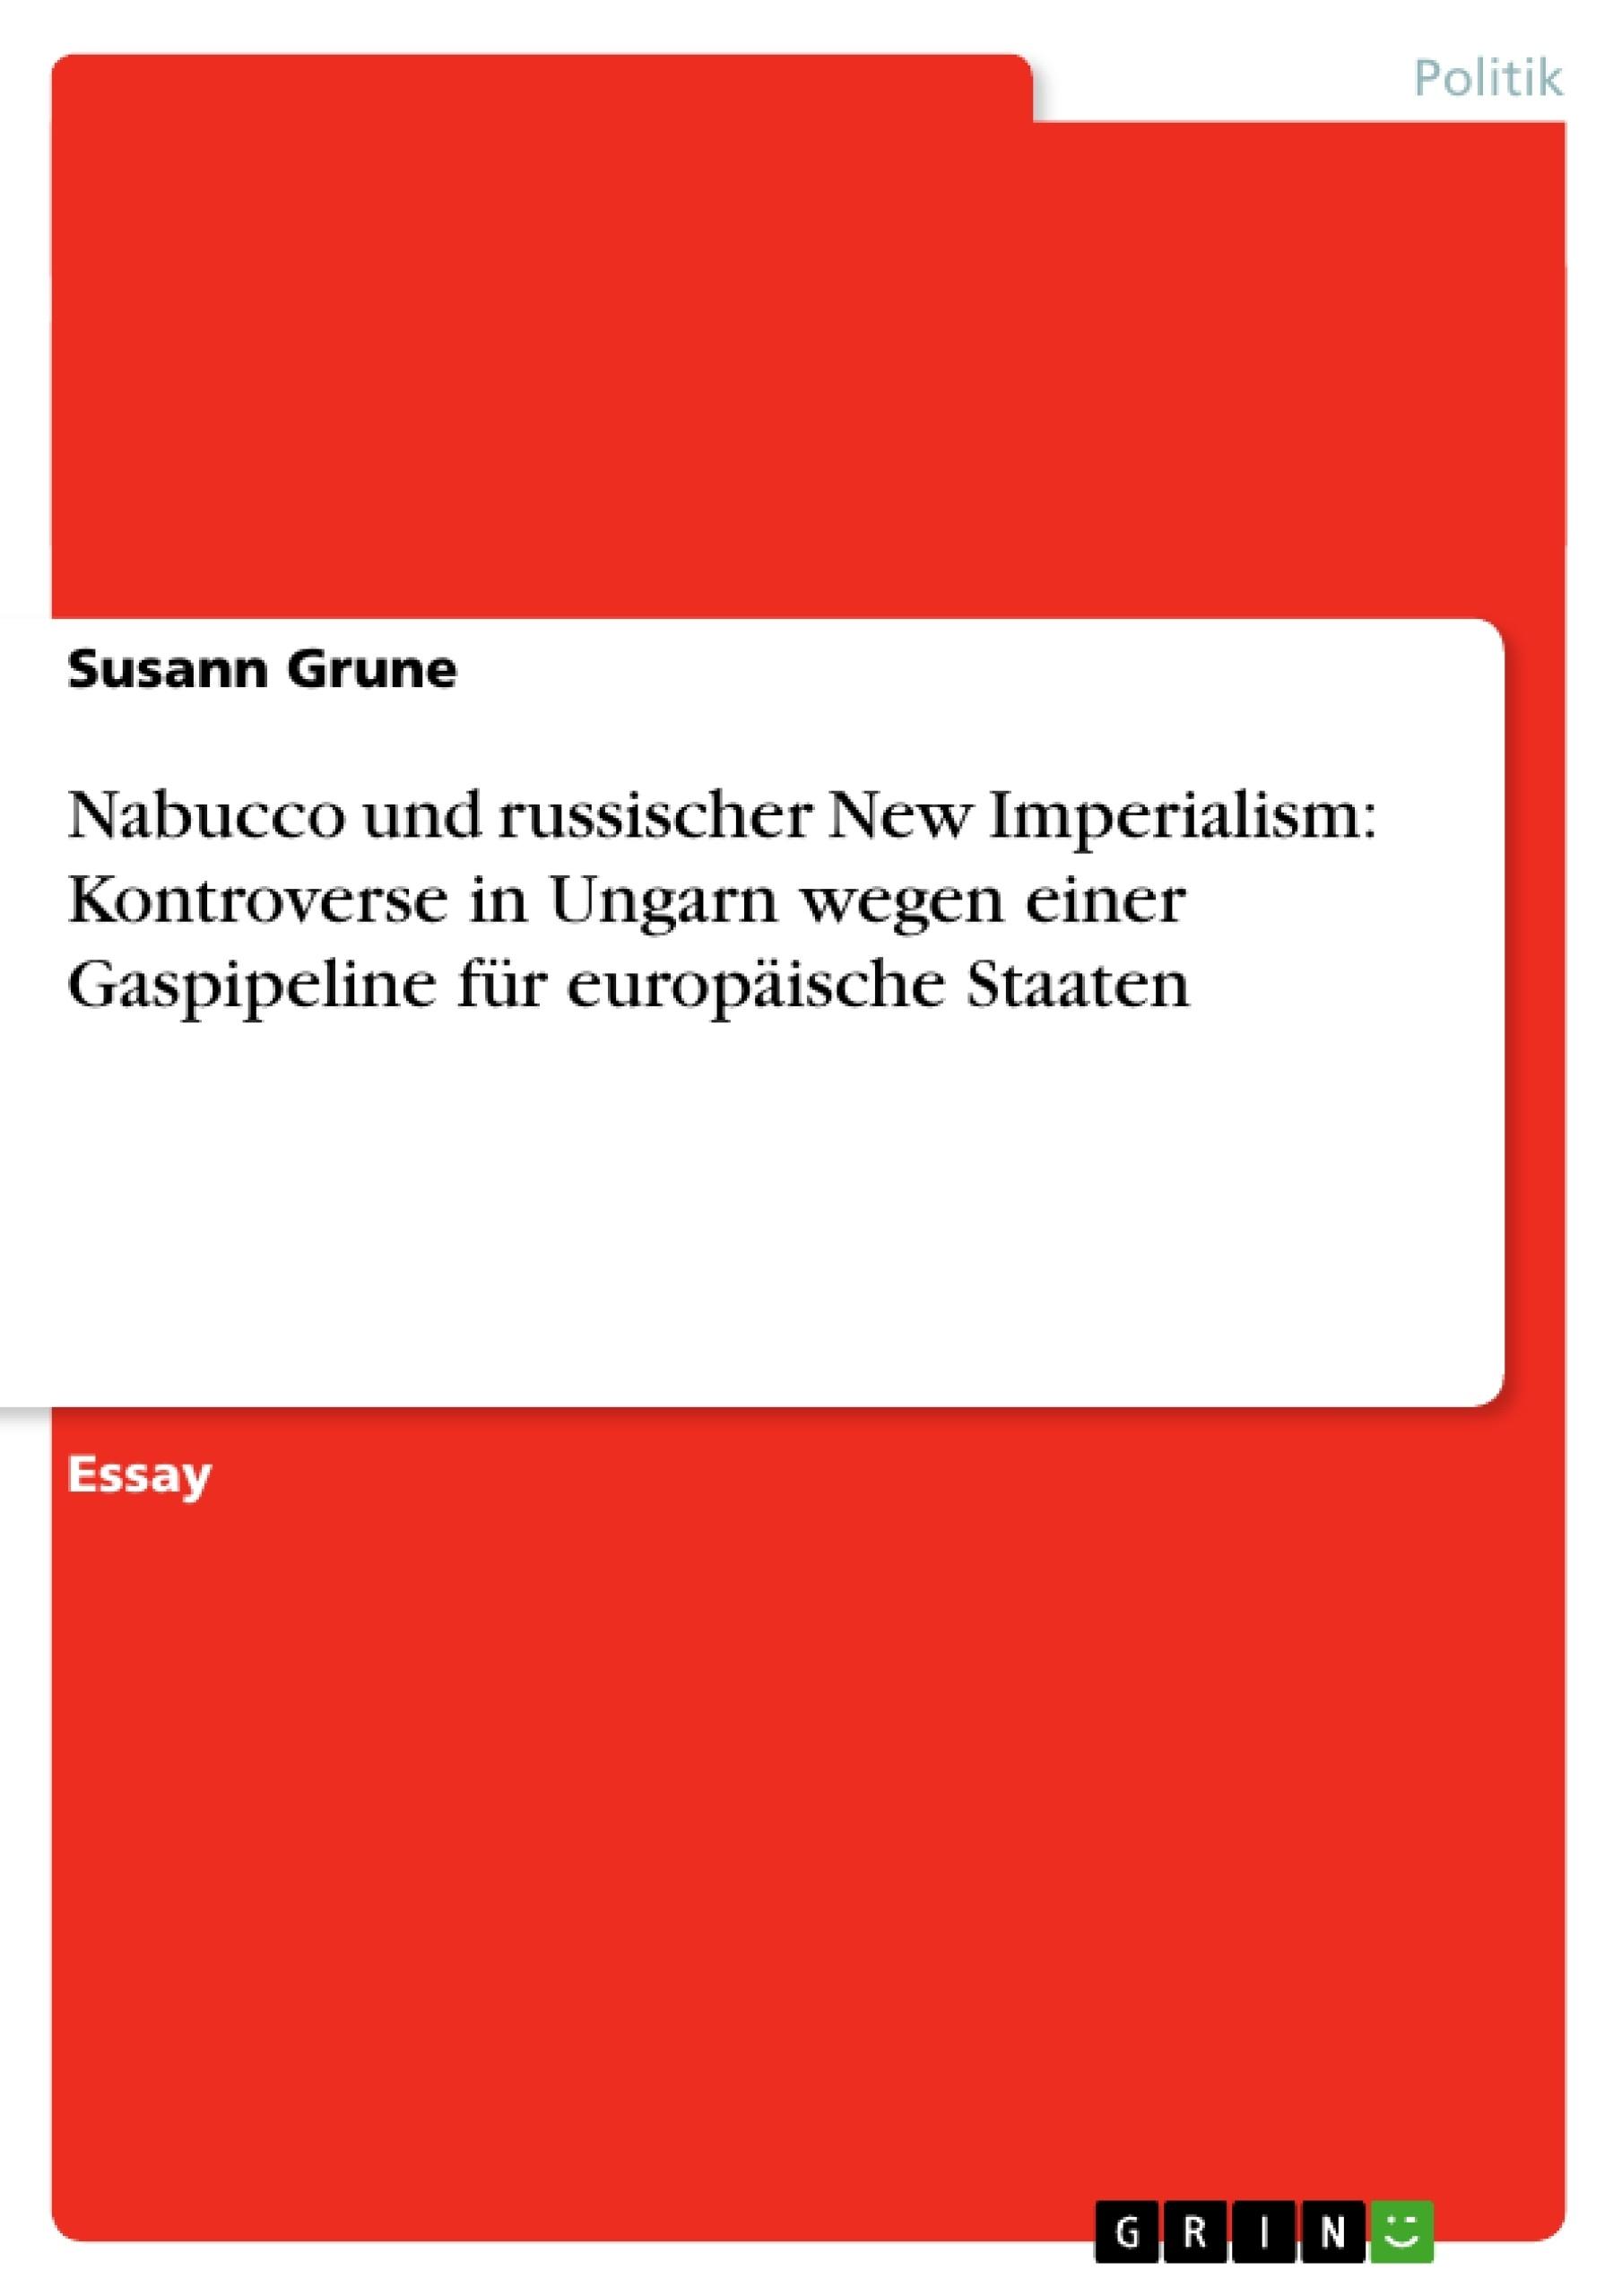 Titel: Nabucco und russischer New Imperialism: Kontroverse in Ungarn wegen einer Gaspipeline für europäische Staaten